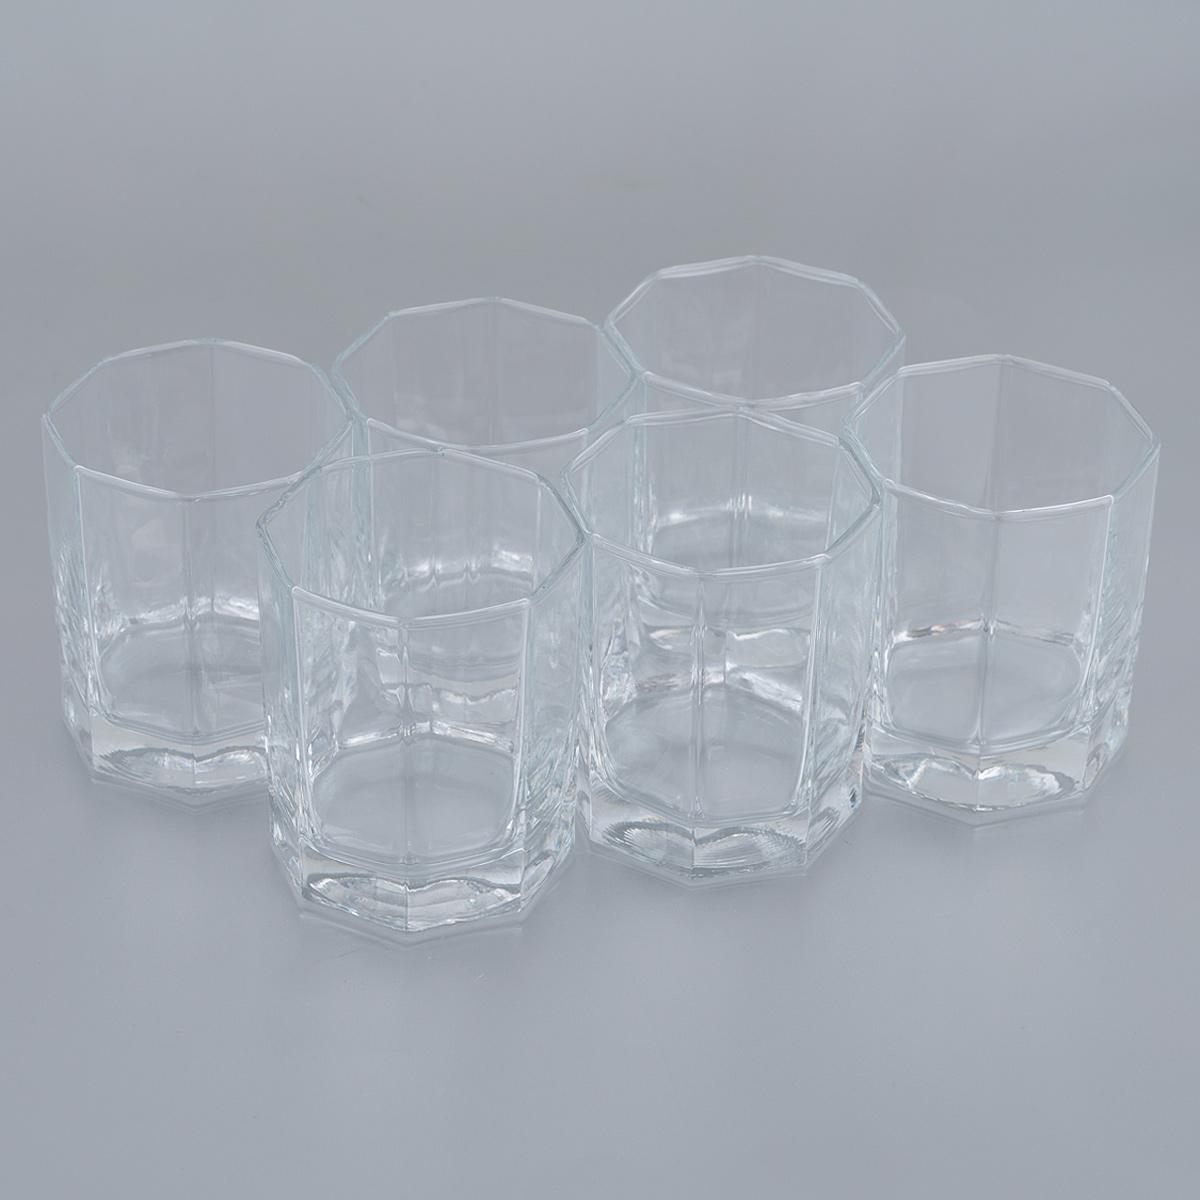 Набор стаканов для сока Pasabahce Kosem, 210 мл, 6 шт42035BНабор Pasabahce Kosem, состоящий из шести стаканов, несомненно, придется вам по душе. Стаканы изготовлены из прочного высококачественного стекла. Изделия выполнены в оригинальном элегантном дизайне. Благодаря такому набору пить напитки будет еще вкуснее. Набор стаканов Kosem станет также отличным подарком на любой праздник. Размер стакана (по верхнему краю): 6,5 см. Высота стакана: 8 см.